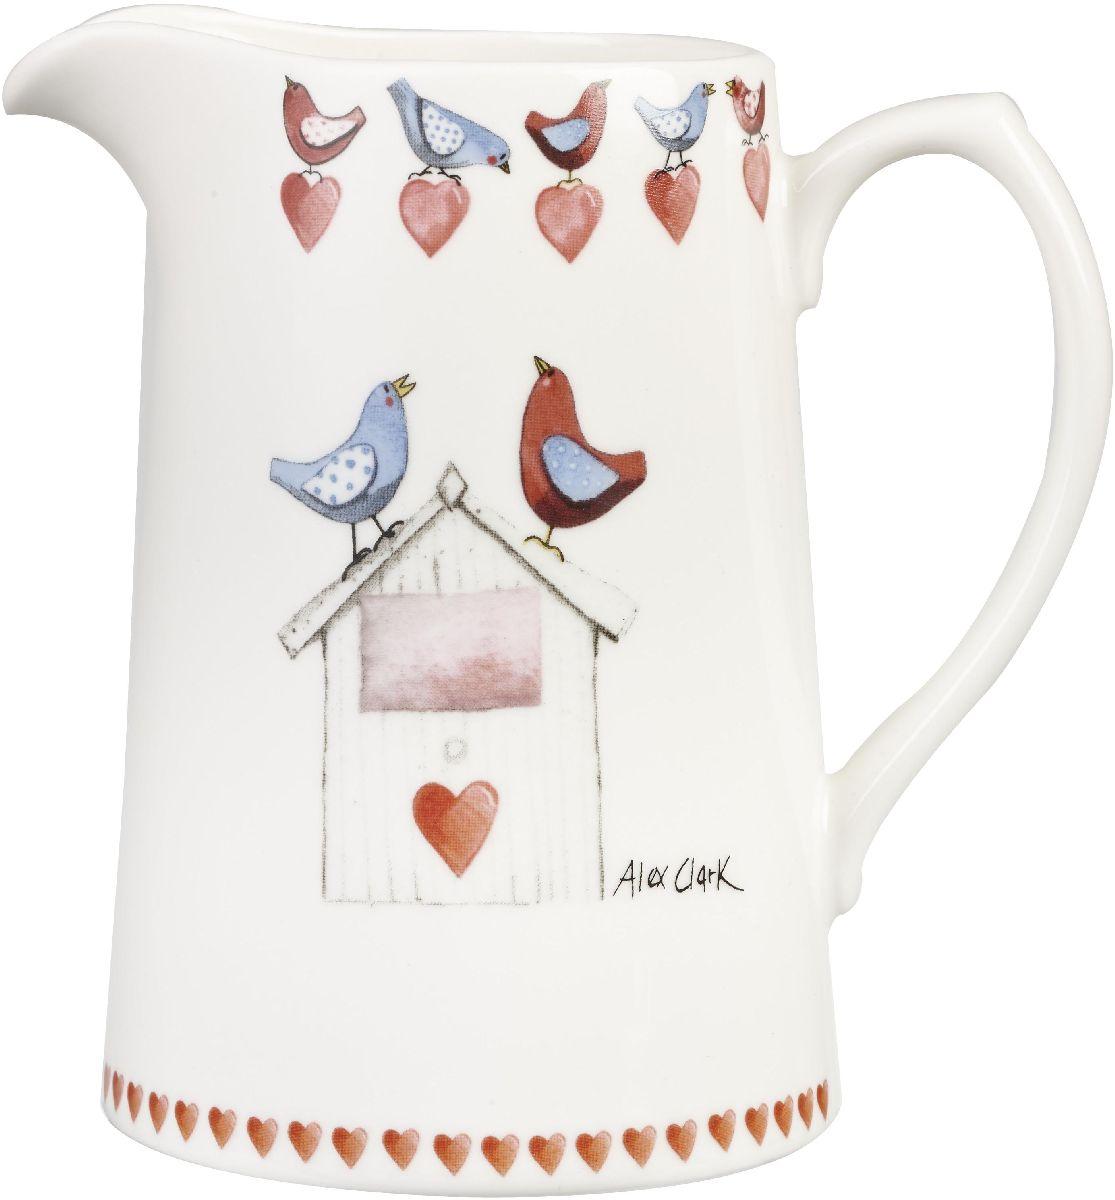 Кувшин Churchill, 750 млVT-1520(SR)Коллекция Птички - уникальное сочетание живой природы и прекрасные воспоминания из детства. Легкий и простой дизайн с пастельными красками идеально подойдет для любой кухни.